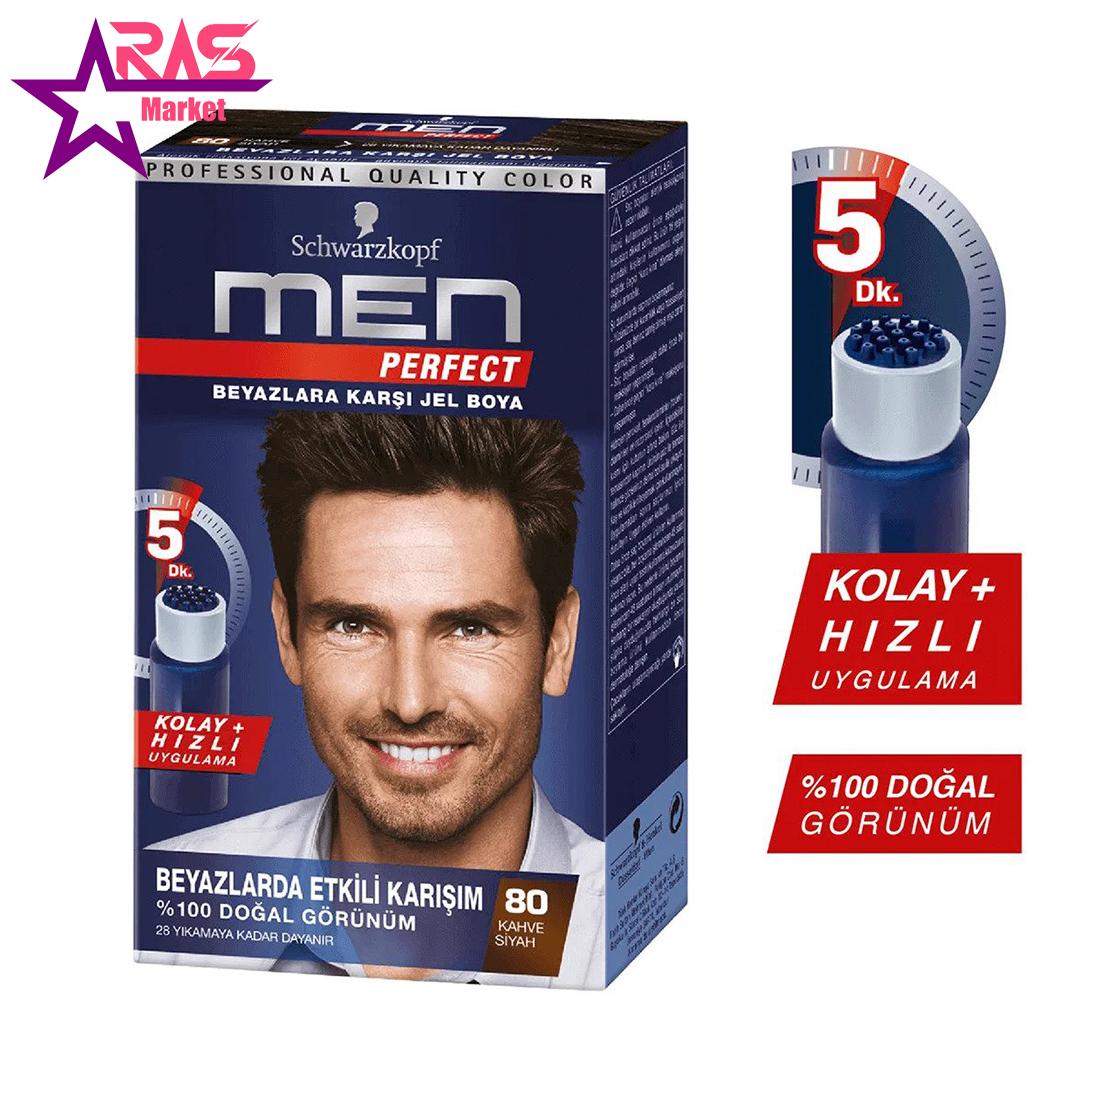 کیت رنگ مو مردانه Men Perfect شماره 80 ، فروشگاه اینترنتی ارس مارکت ، بهداشت آقایان